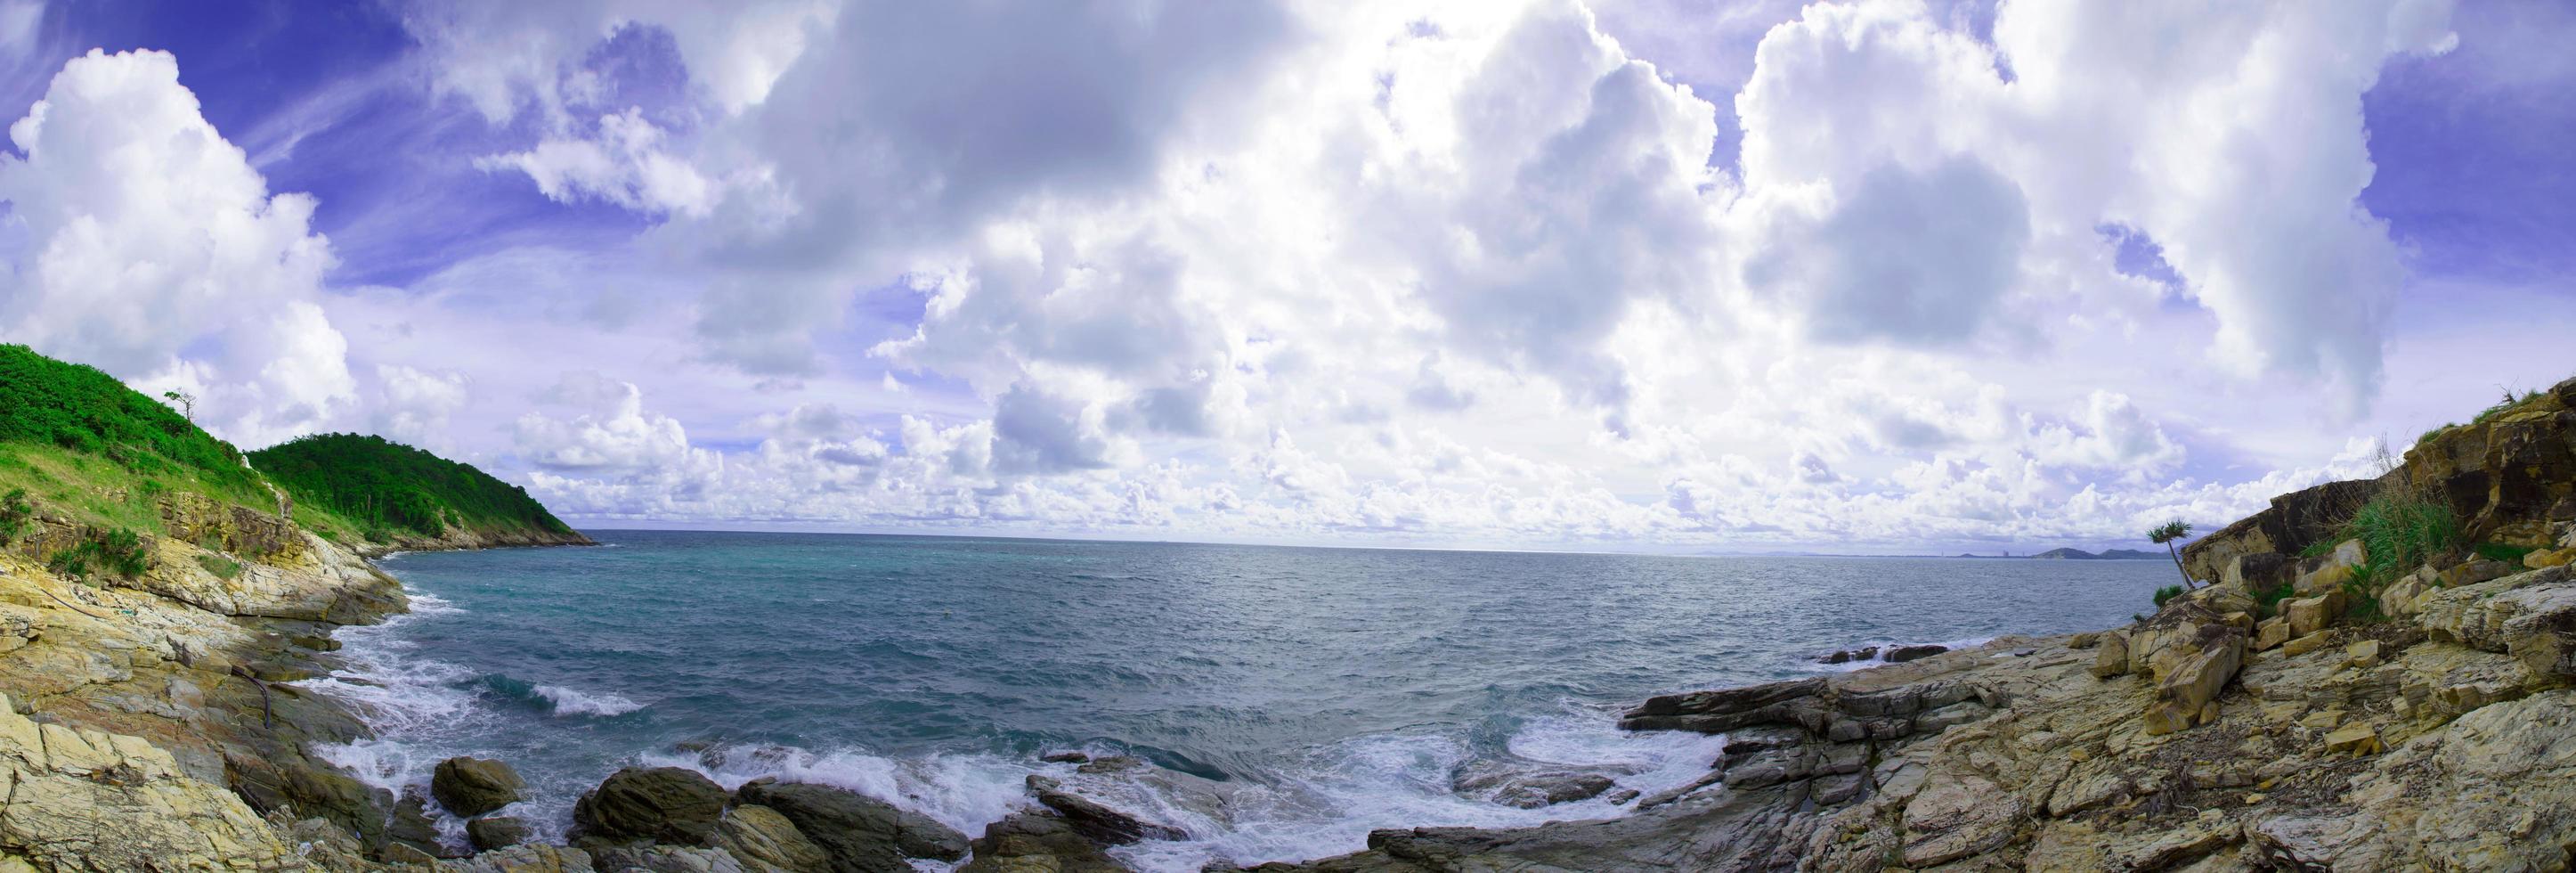 panorama över en vik och strand foto